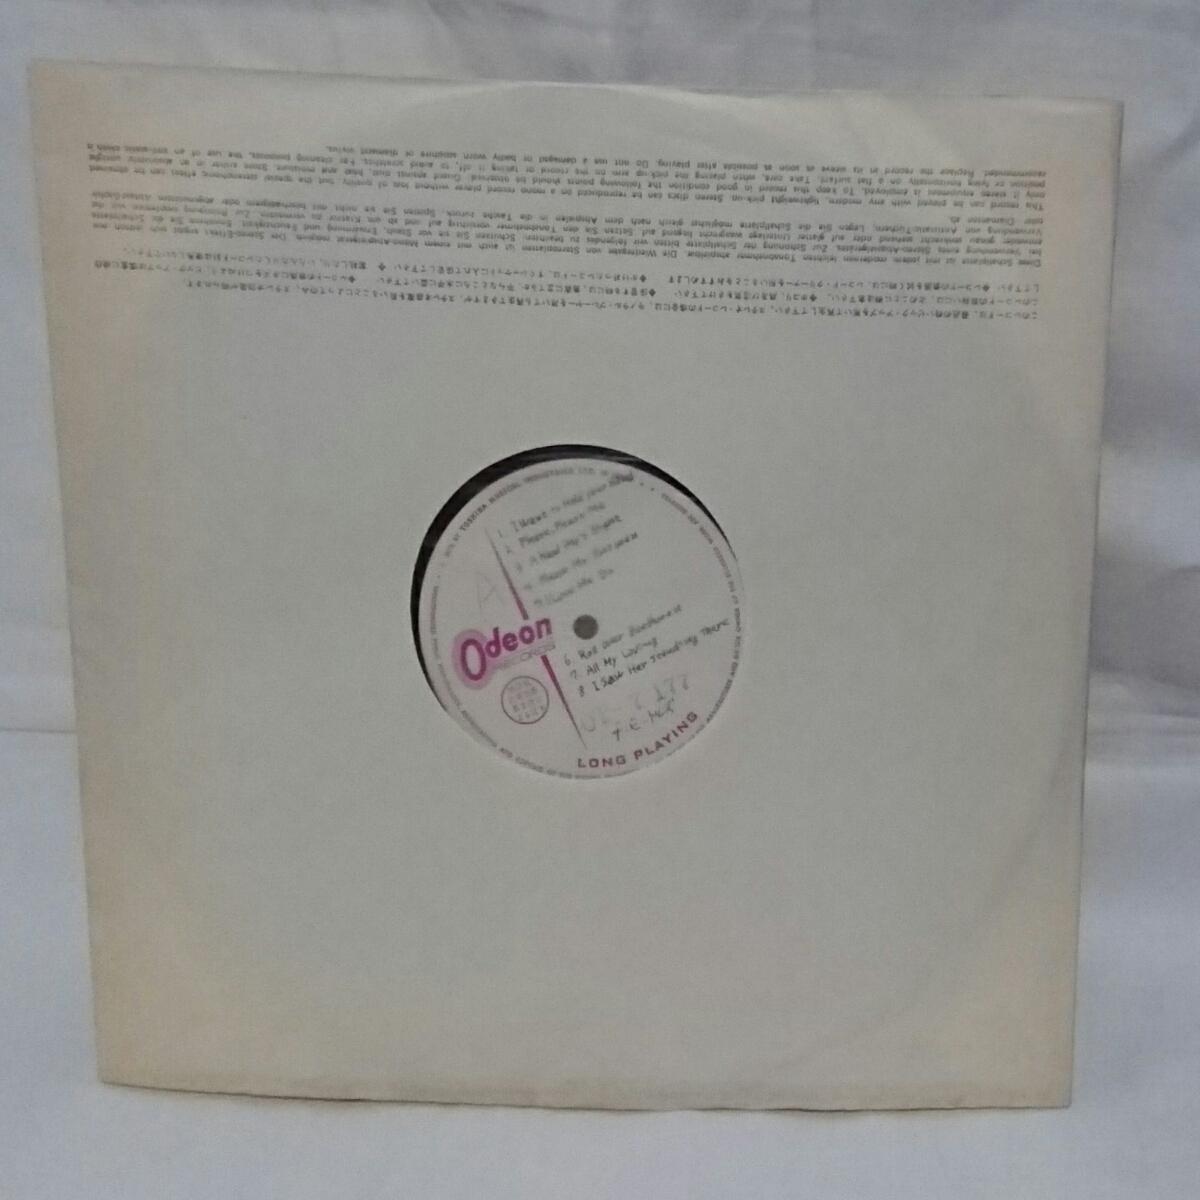 幻のレコード OP-7177 ビートルズ The Best Of The Beatles テスト盤 超貴重 発売中止盤_画像1